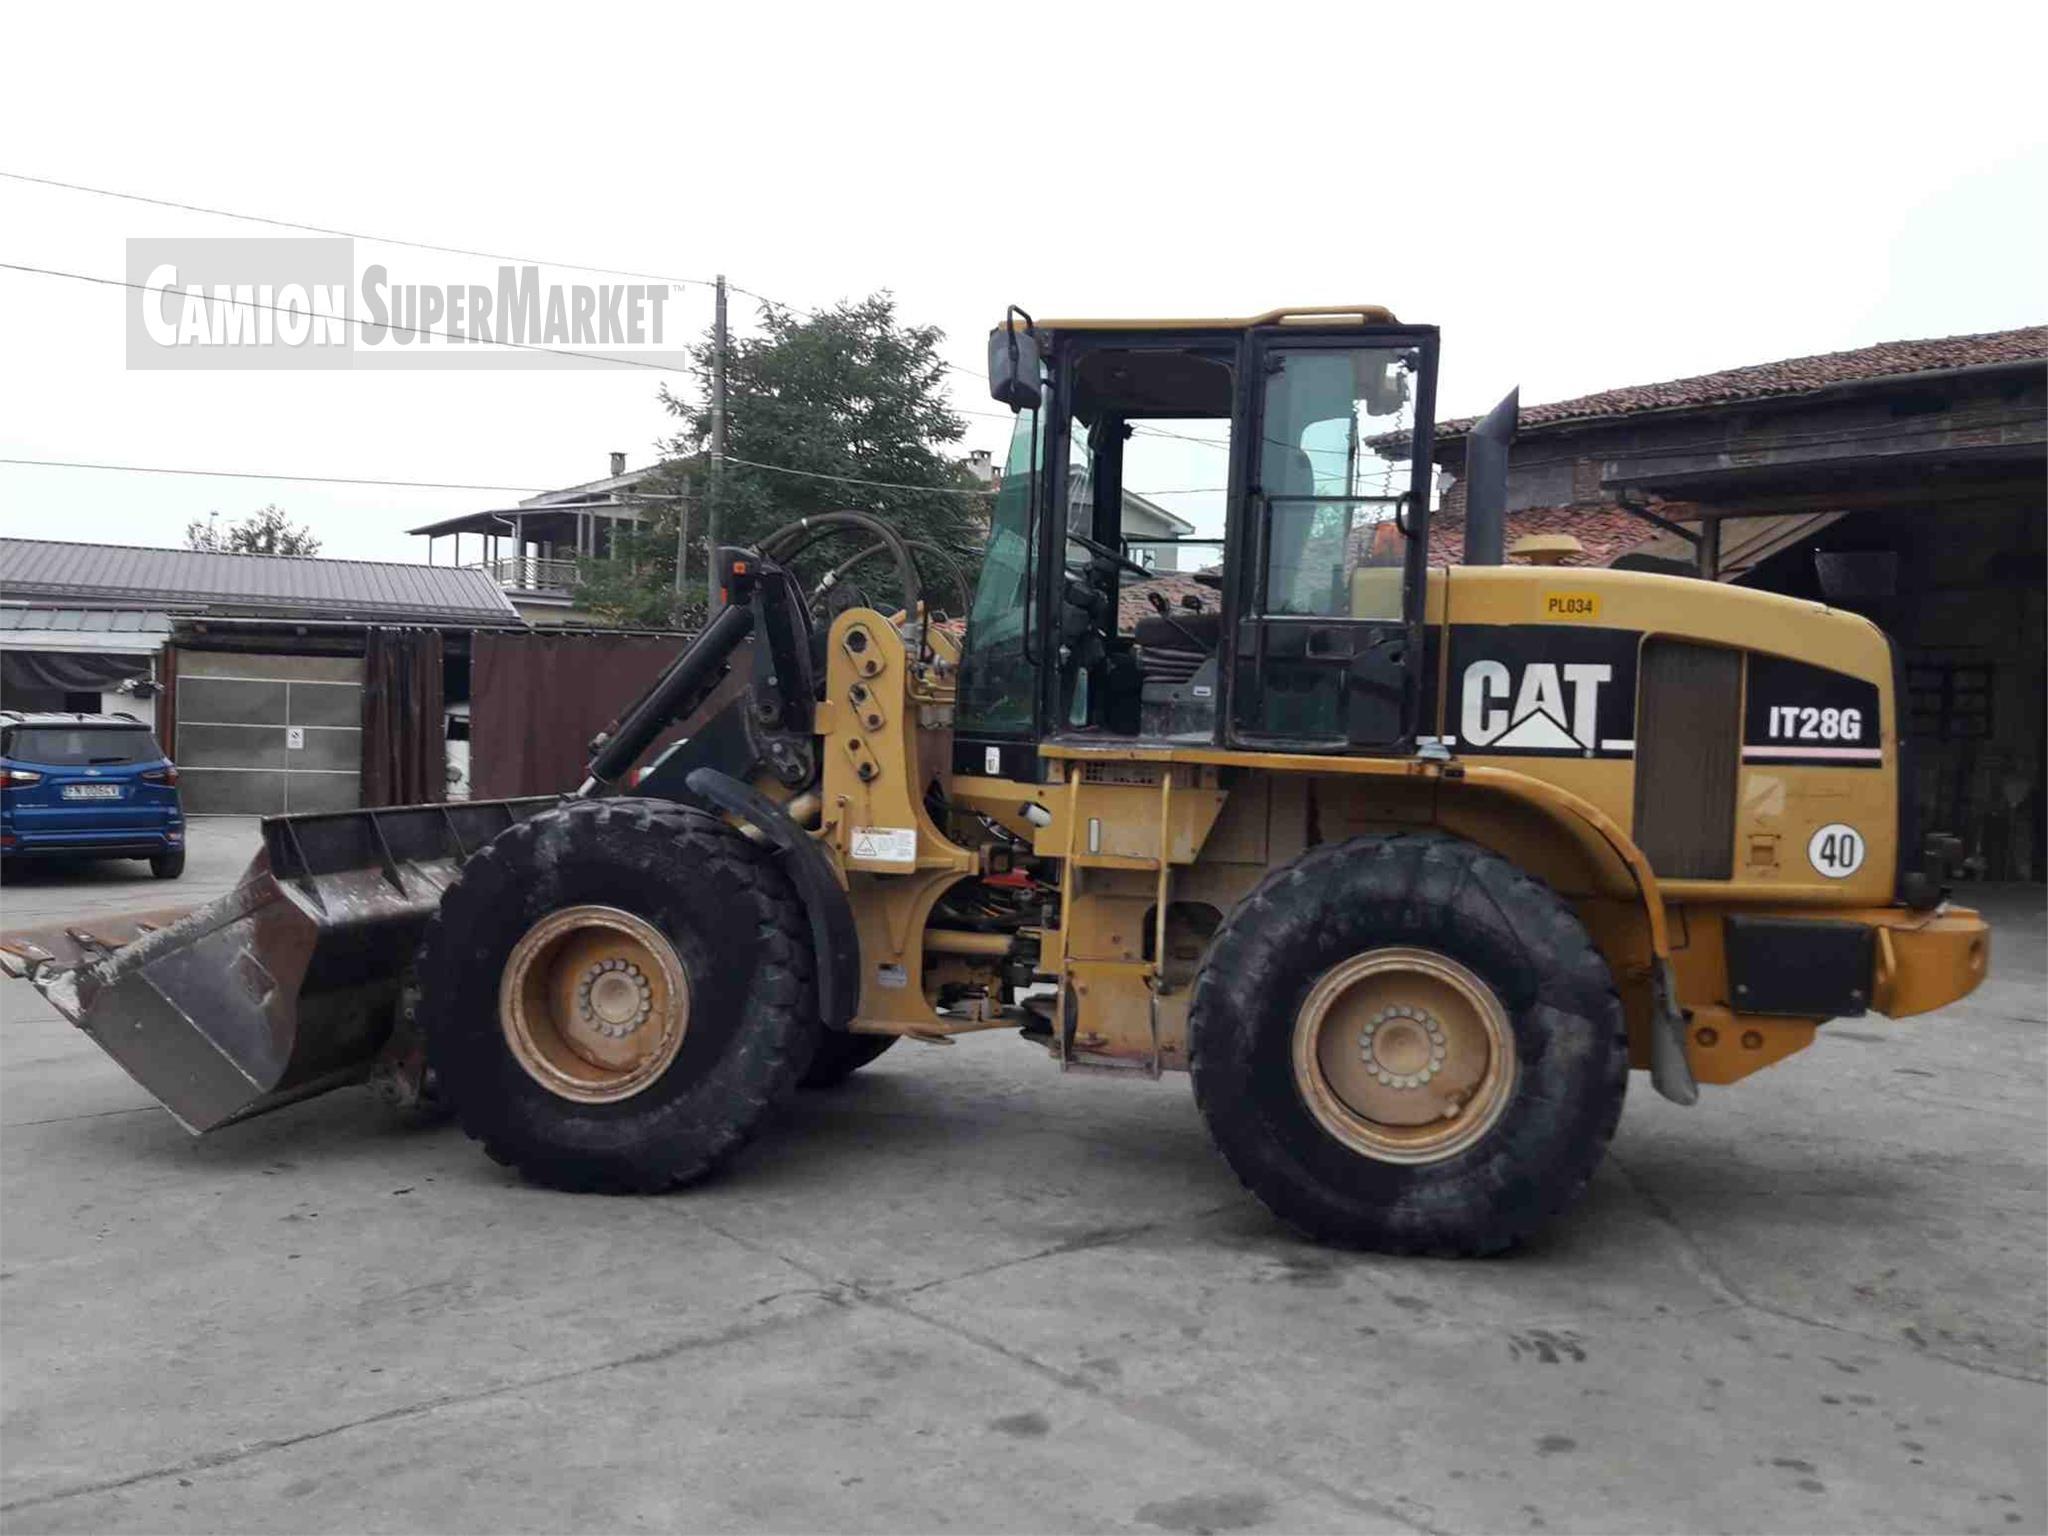 Caterpillar IT28G